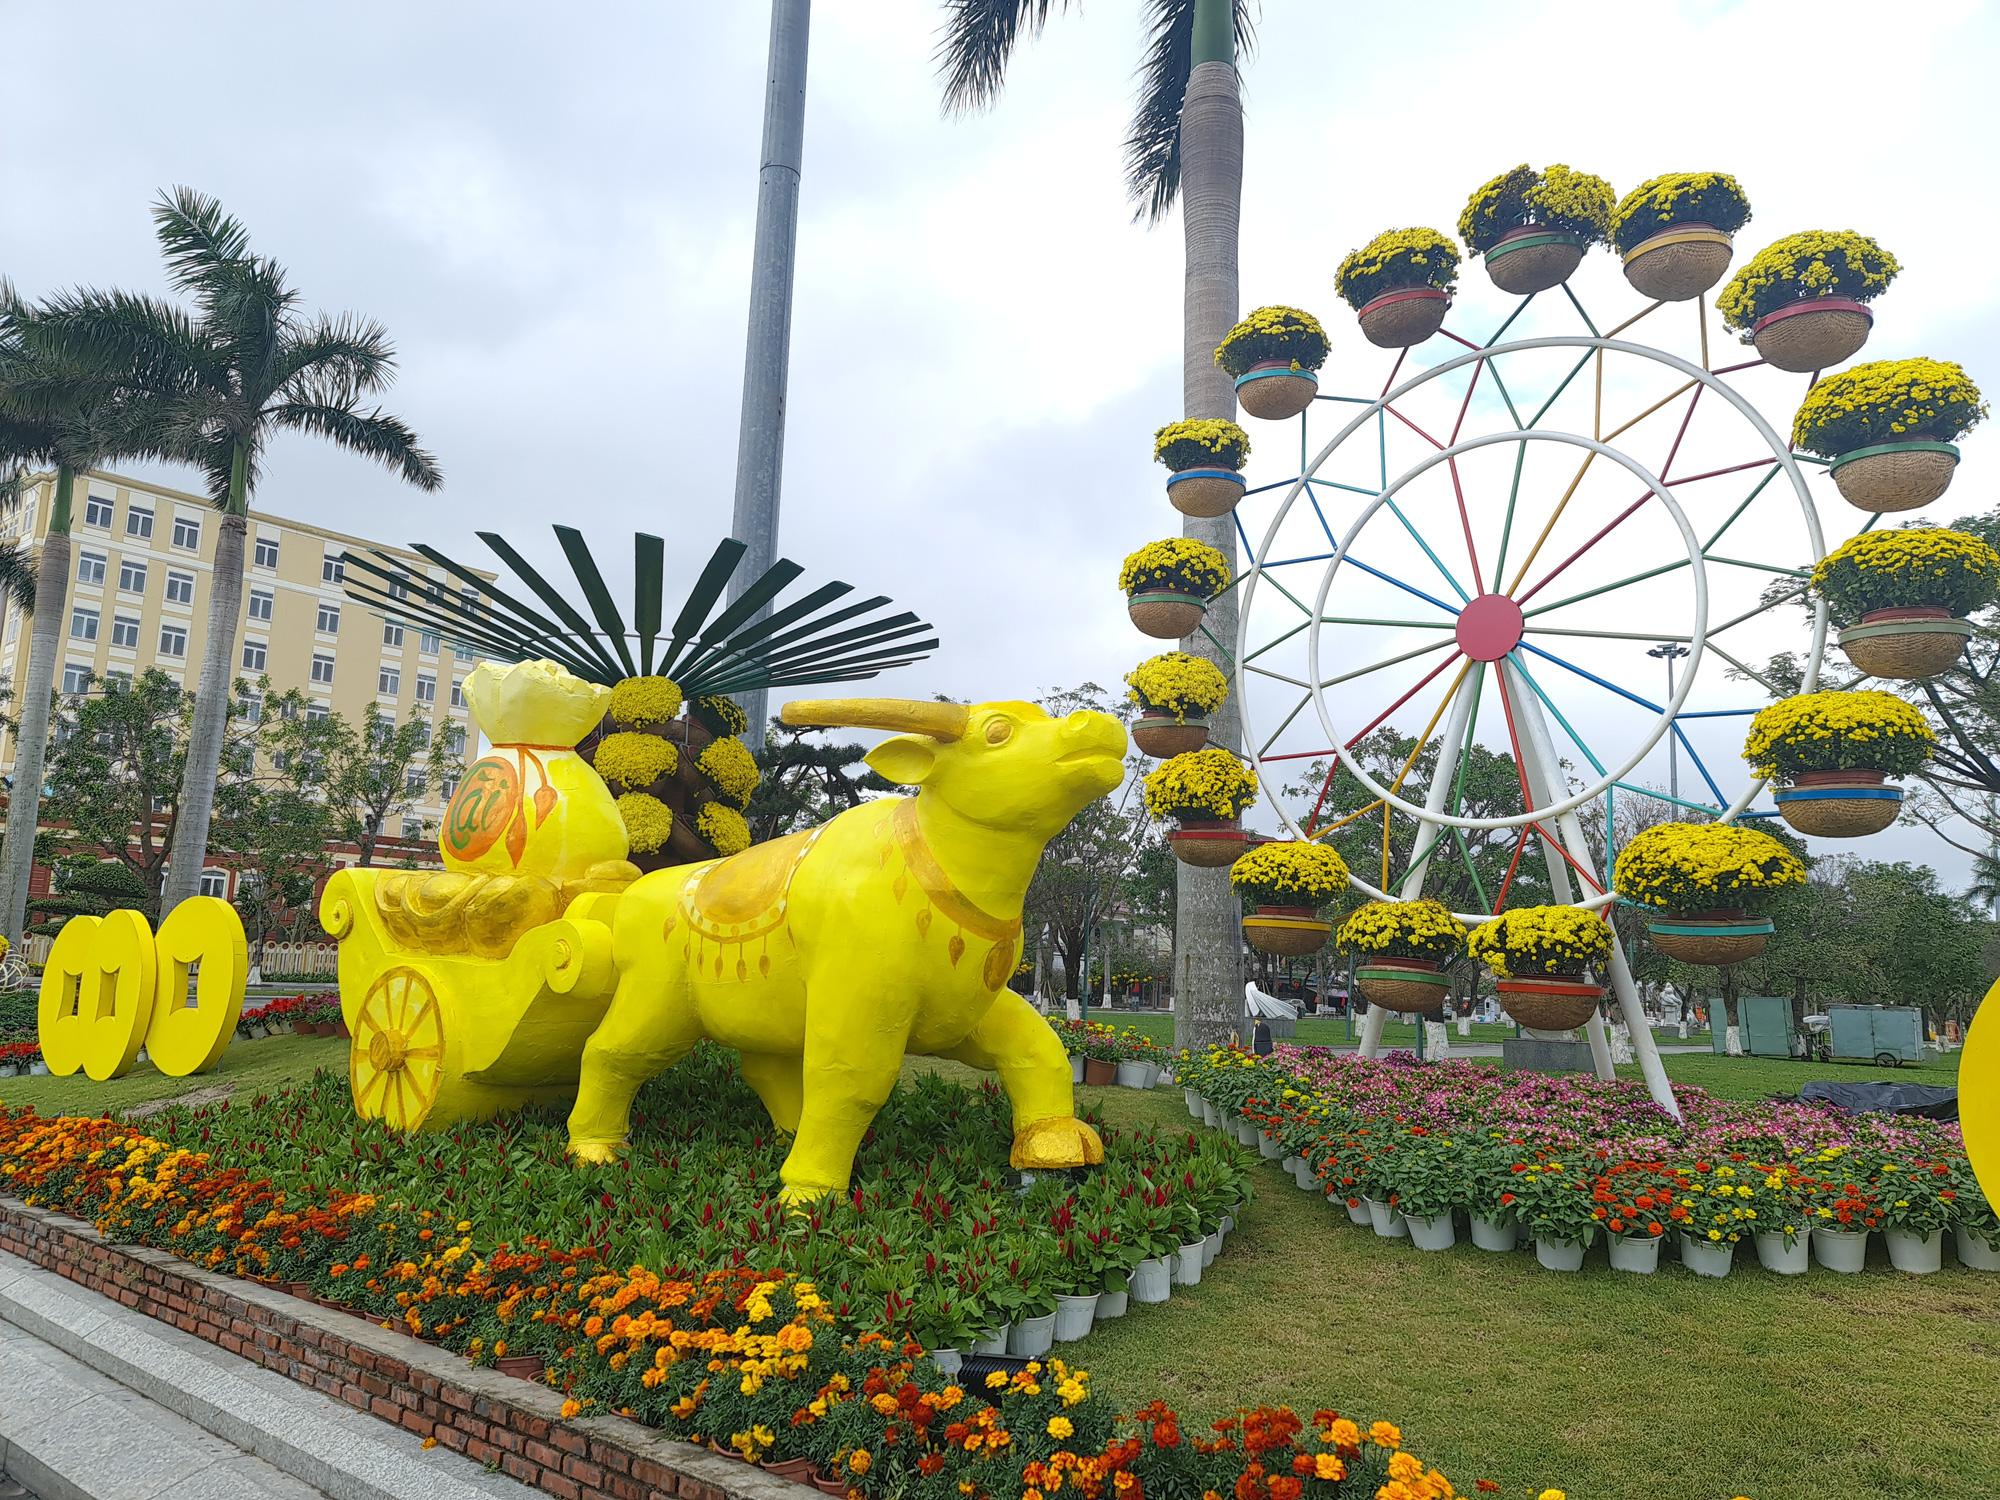 Quảng trường lớn nhất tỉnh Quảng Nam được trang trí bằng đồ nhà nông và hàng chục loại hoa sắc sảo - Ảnh 3.